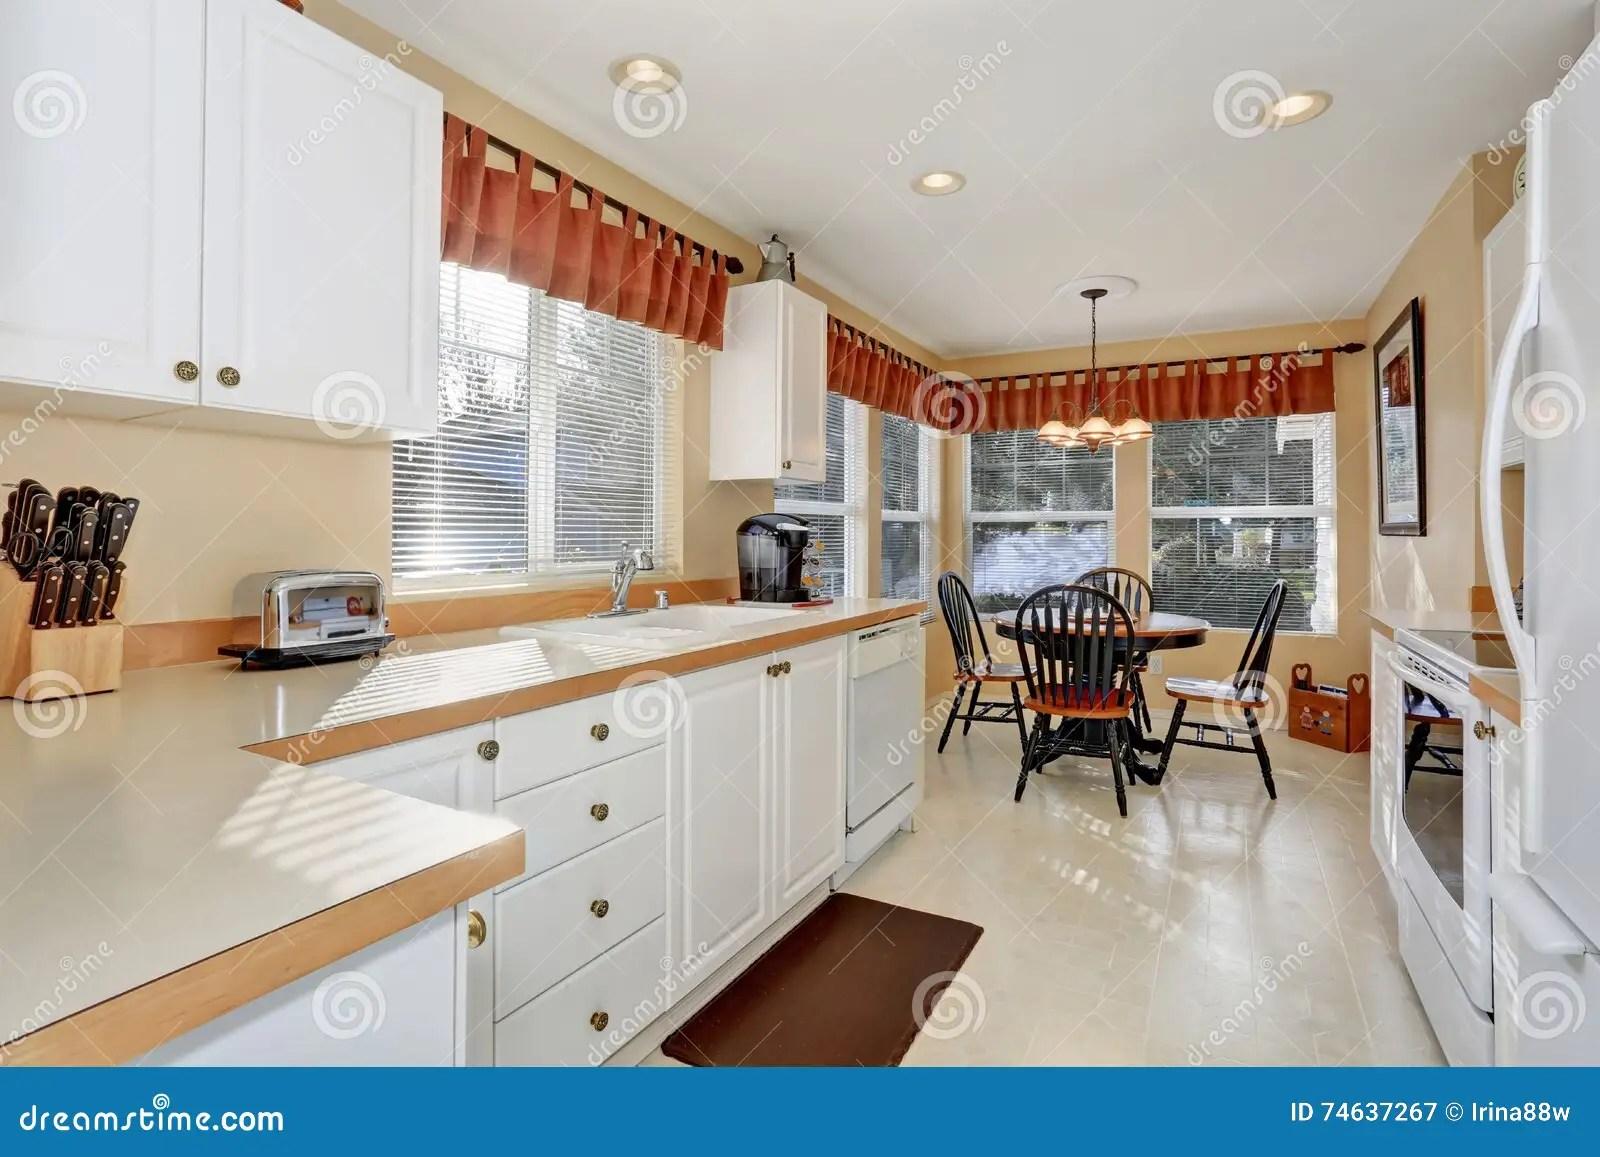 white kitchen cabinets double sink 有钢装置和砖地的白色厨柜库存图片 图片包括有西北 水槽 照亮 火炉 有钢装置和砖地的白色厨柜